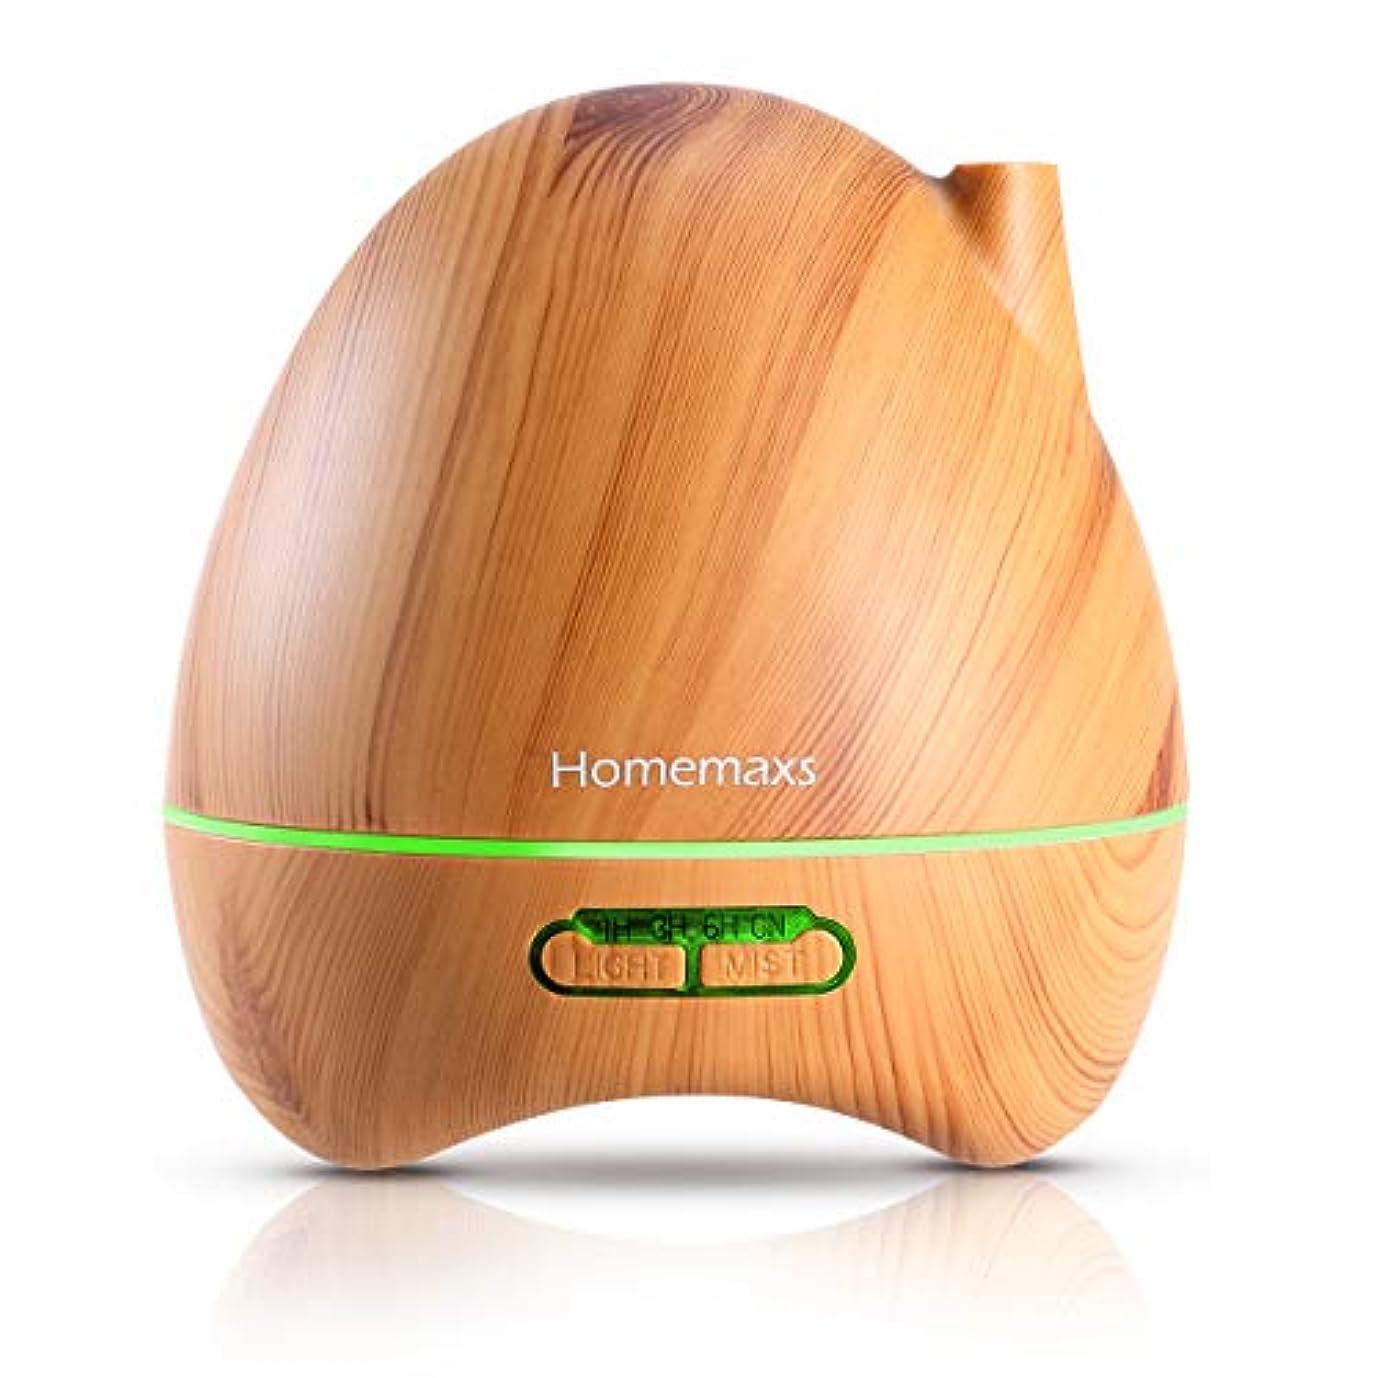 加湿器 アロマディフューザー HOMEMAXS 超音波  卓上加湿器 時間設定 空焚き防止 7色LEDライト 300ml 木目調